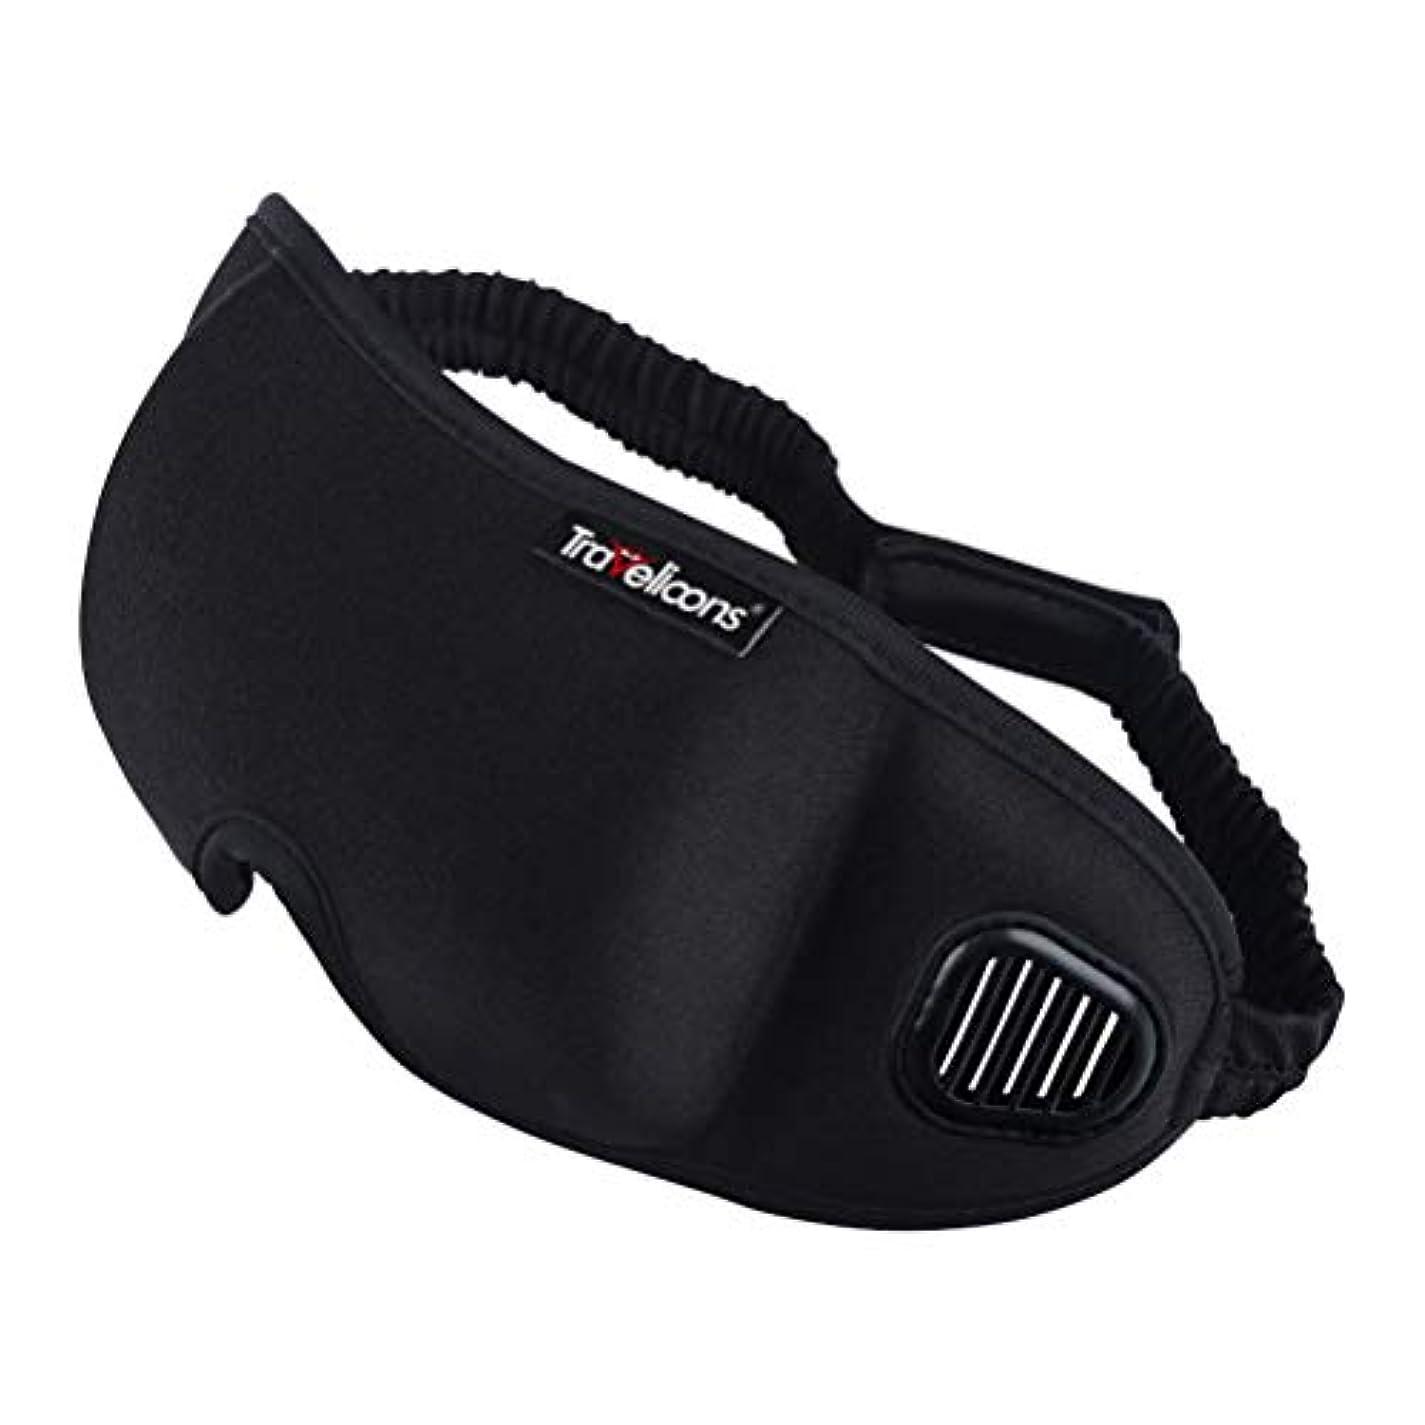 薄暗い集団可能Healifty 旅行の家の使用のための3D睡眠のマスクの通気性の綿の目隠しをしている睡眠の睡眠(耳栓のない黒)